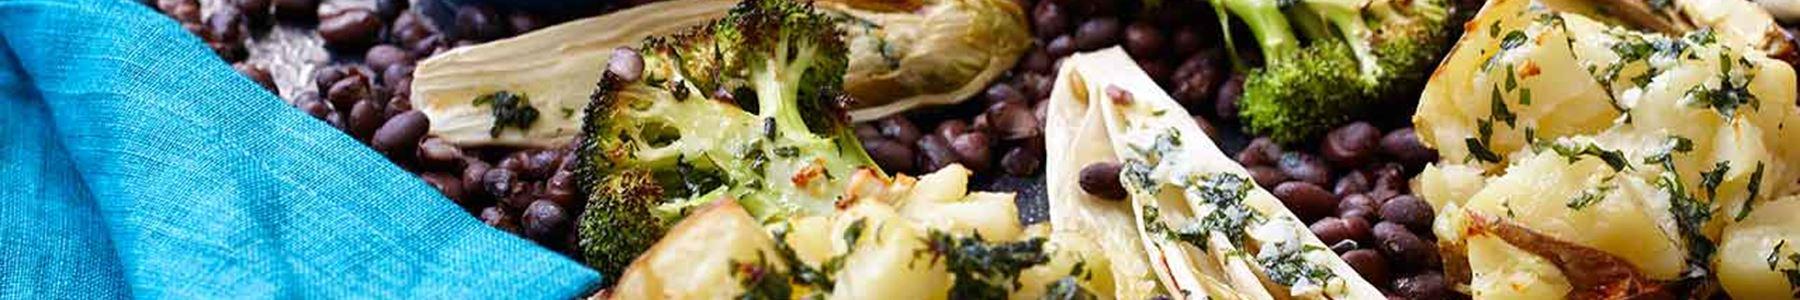 Potatis + Jul + Tillbehör